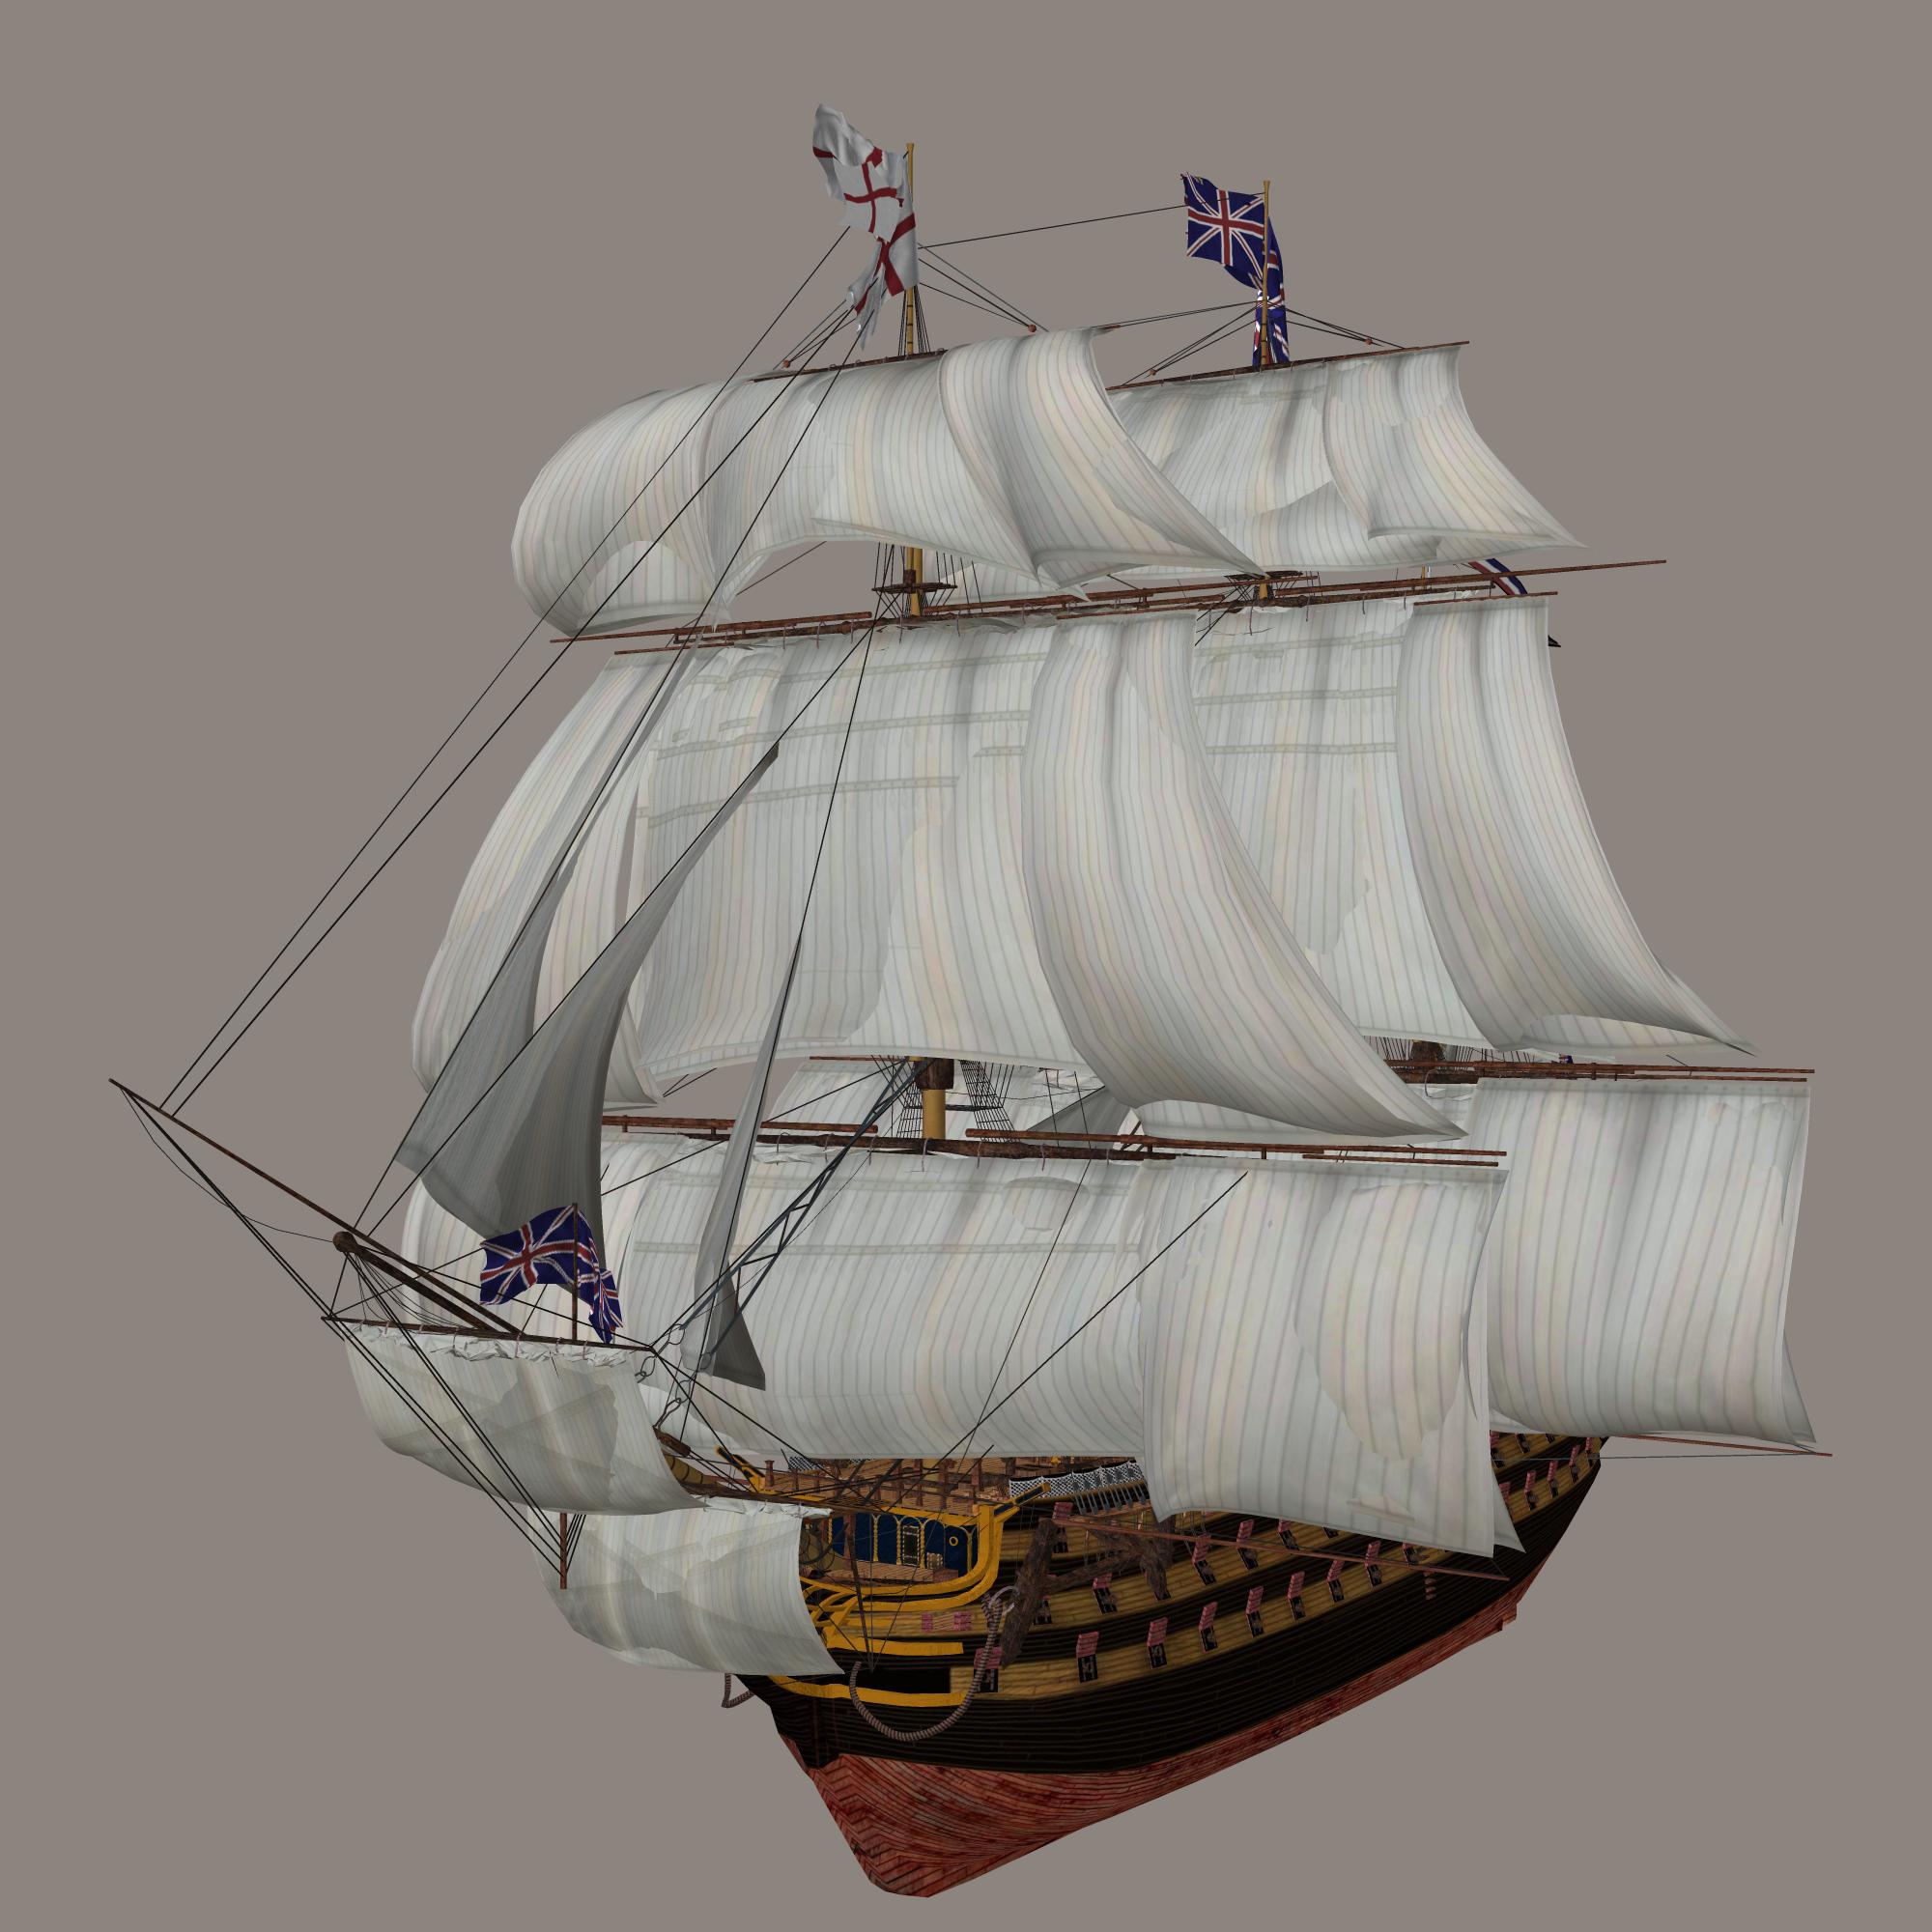 Sailing ship PNG image - Boat Ship PNG